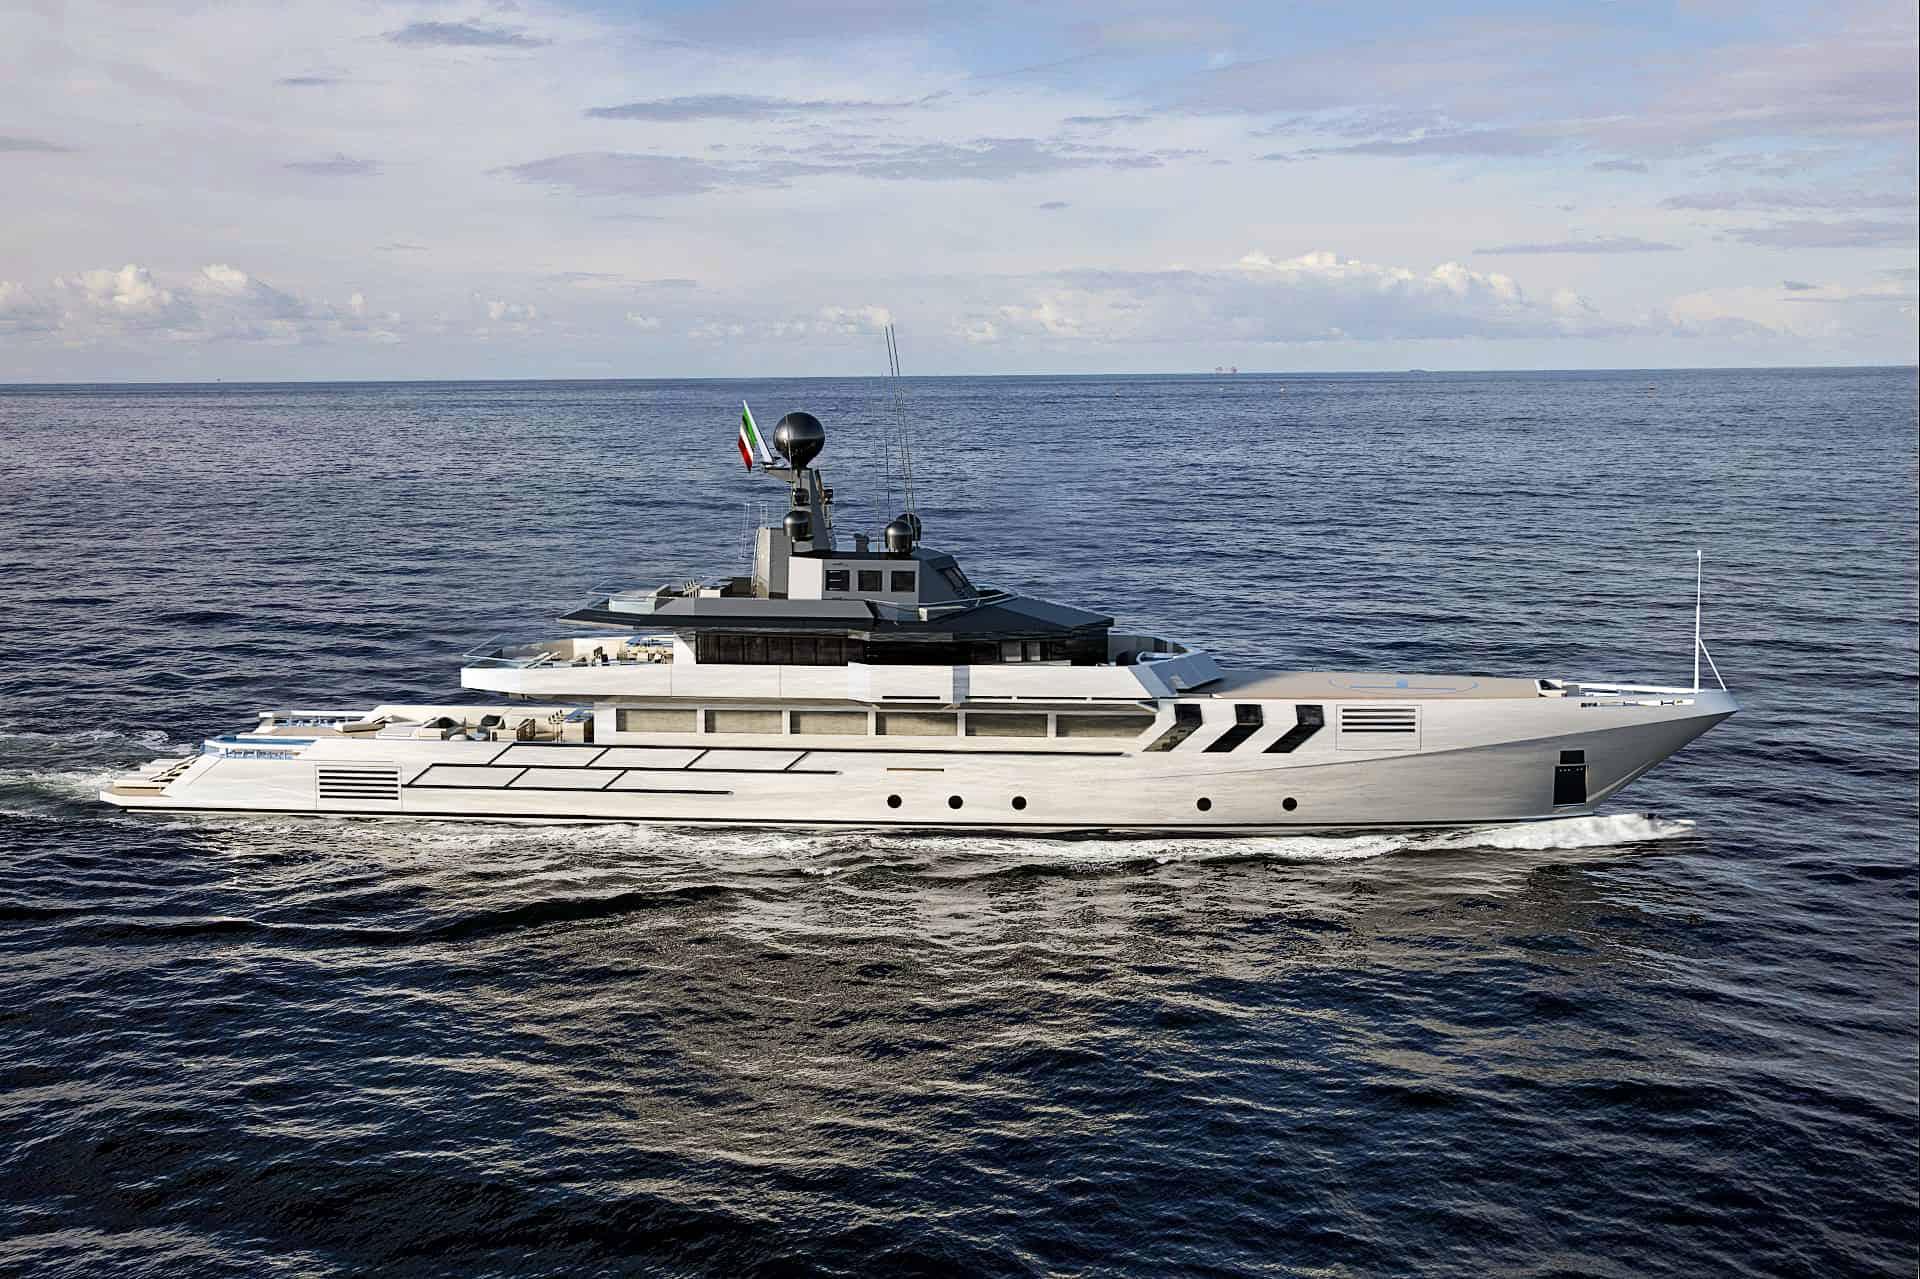 OPV 56 from Antonini Navi cruising